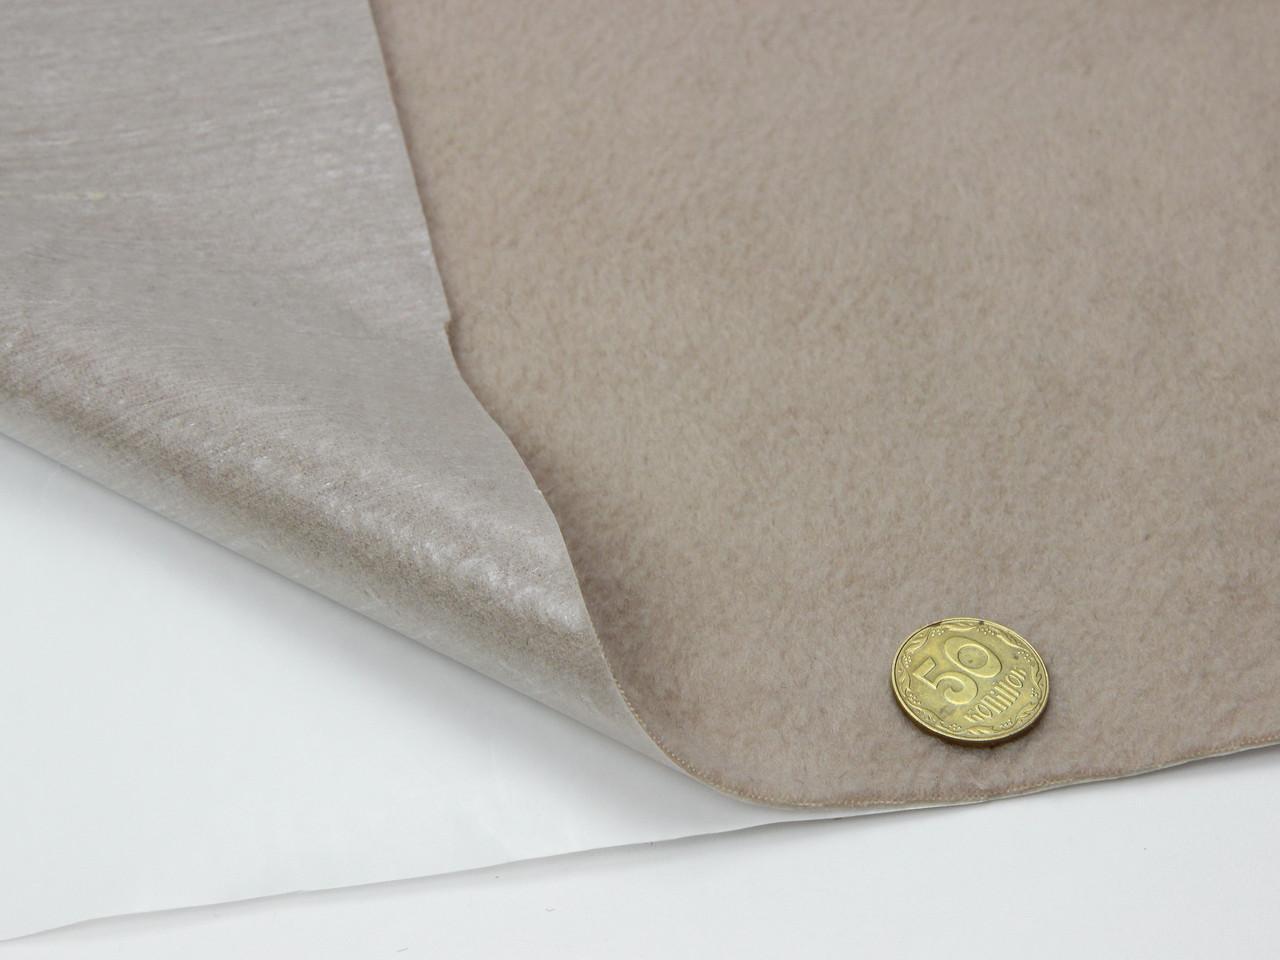 Карпет велюровий бежевий для авто самоклейка, (лист 49х100см), товщина 2.5 мм, площа аркуша 0.49 м2